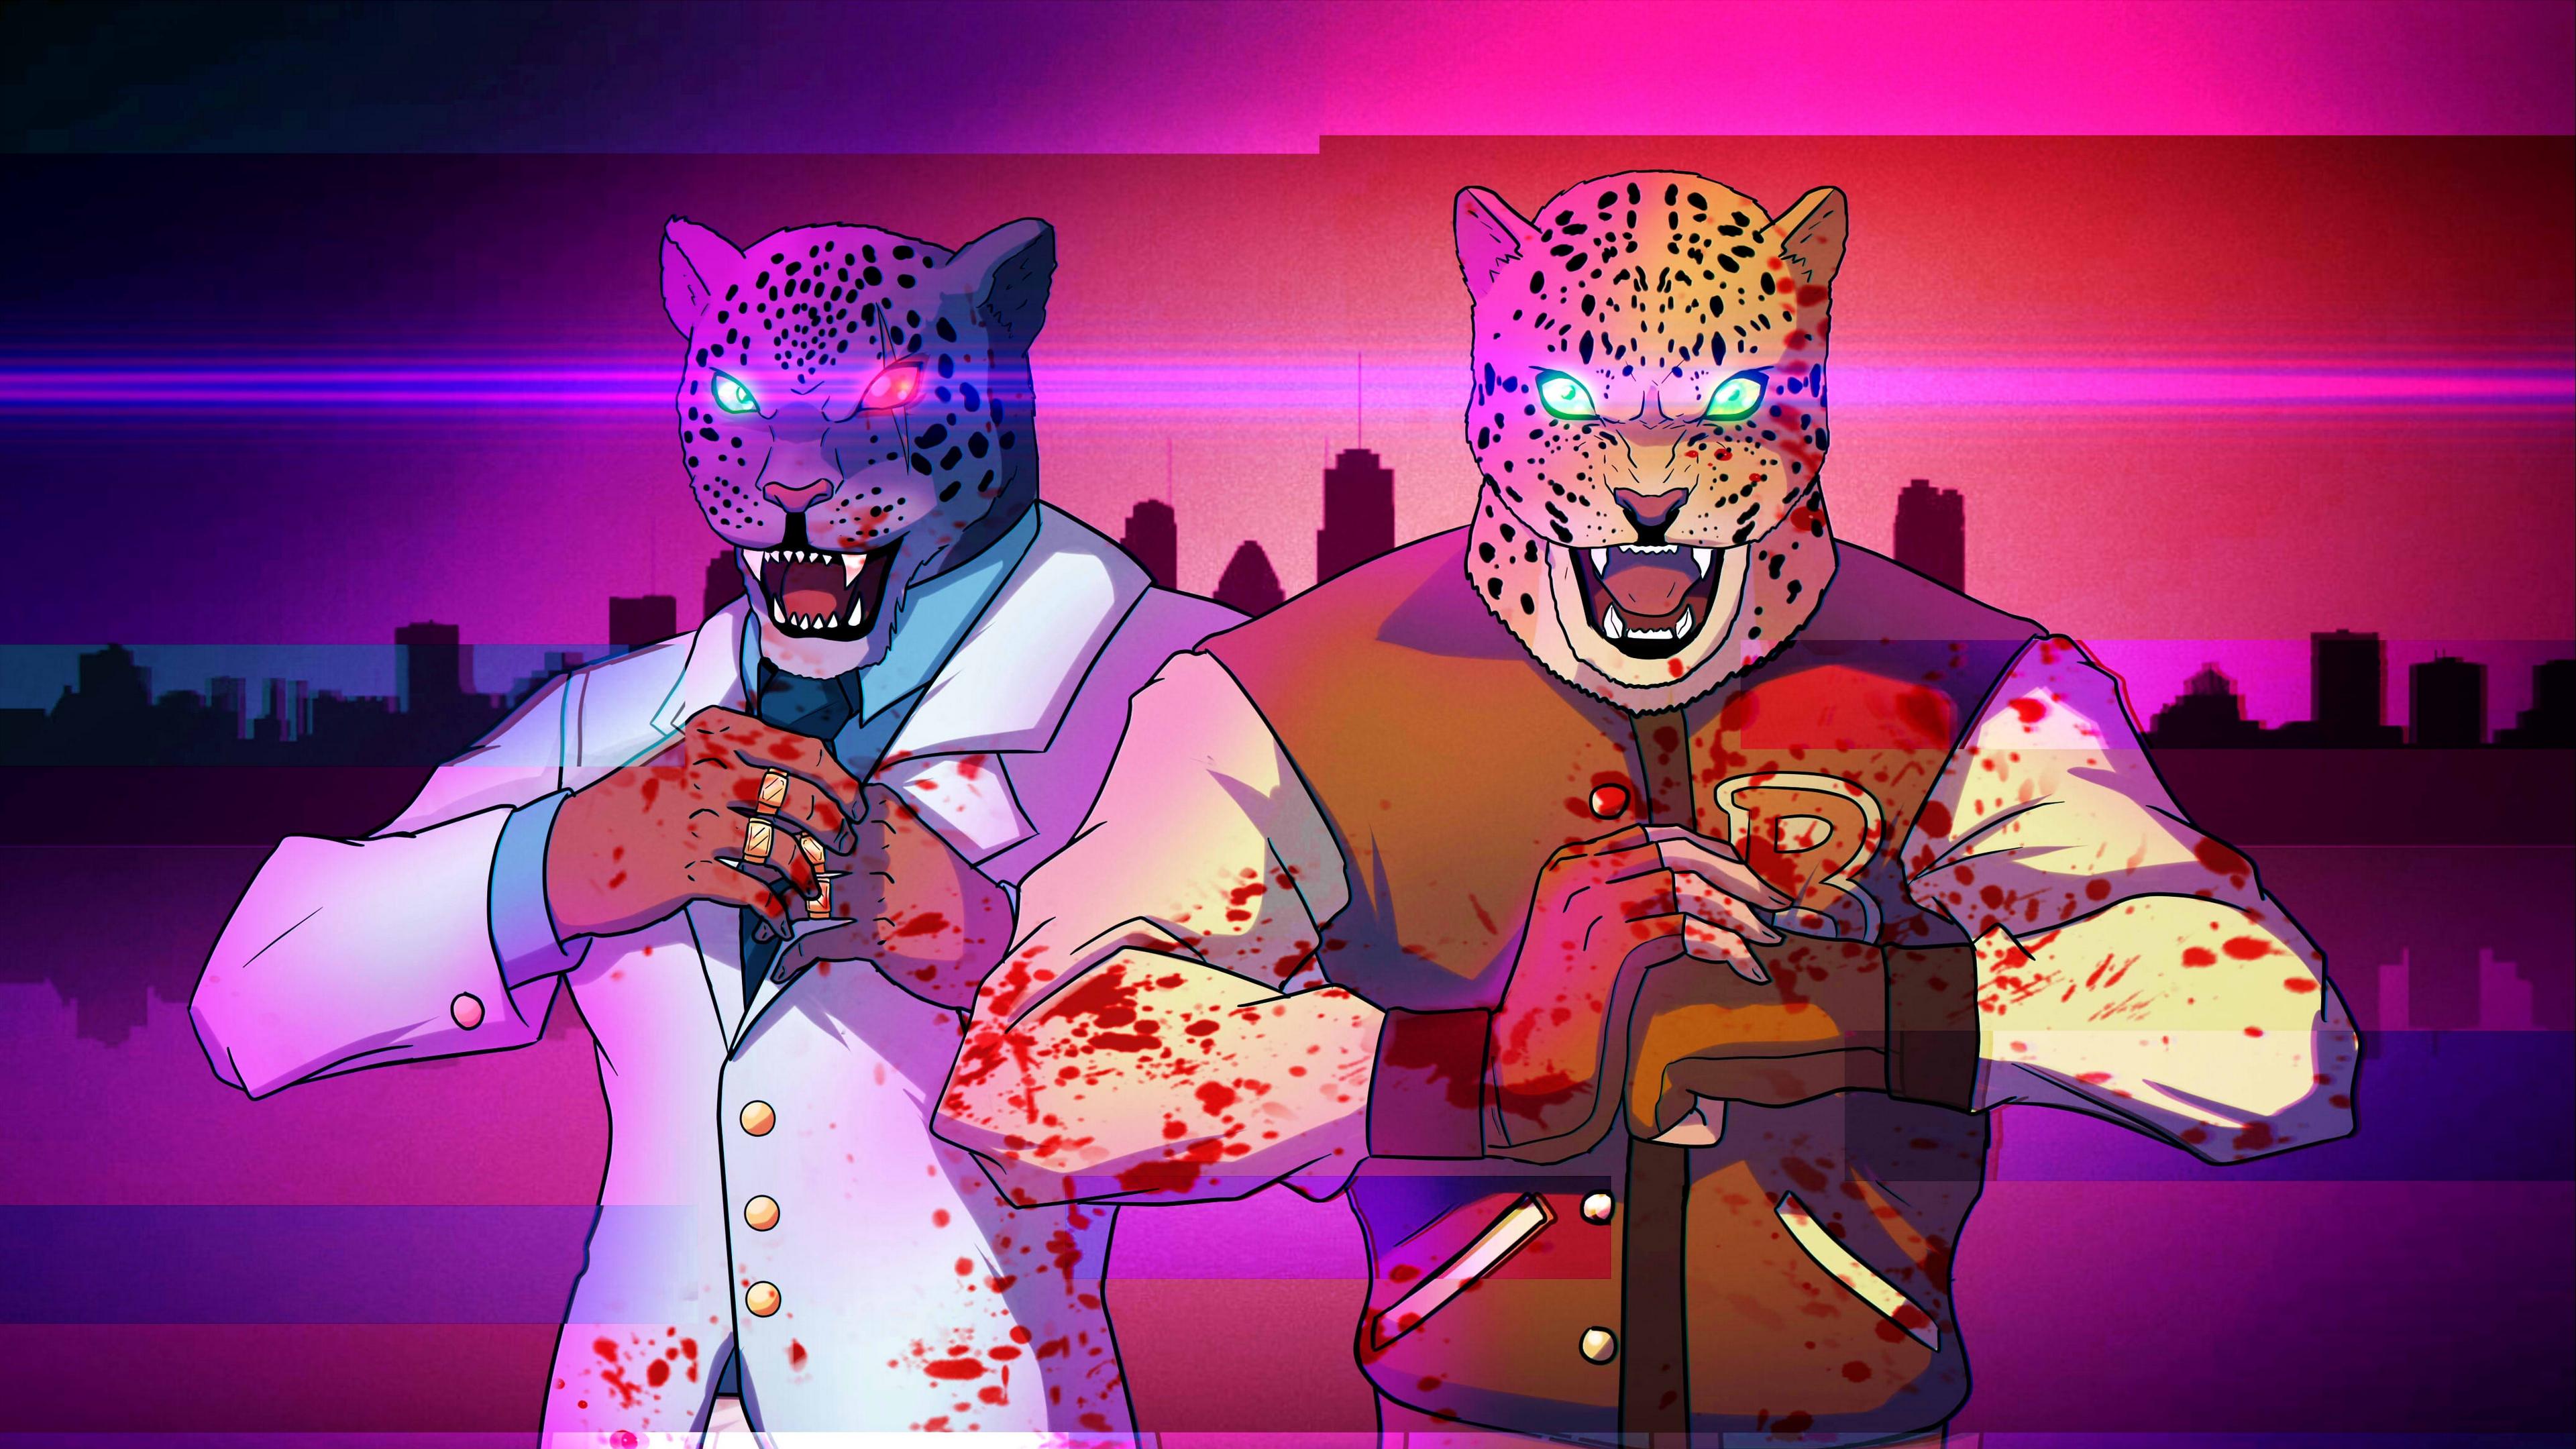 tekken hotline miami armor king 4k 1538944766 - tekken, hotline miami, armor king 4k - Tekken, hotline miami, armor king